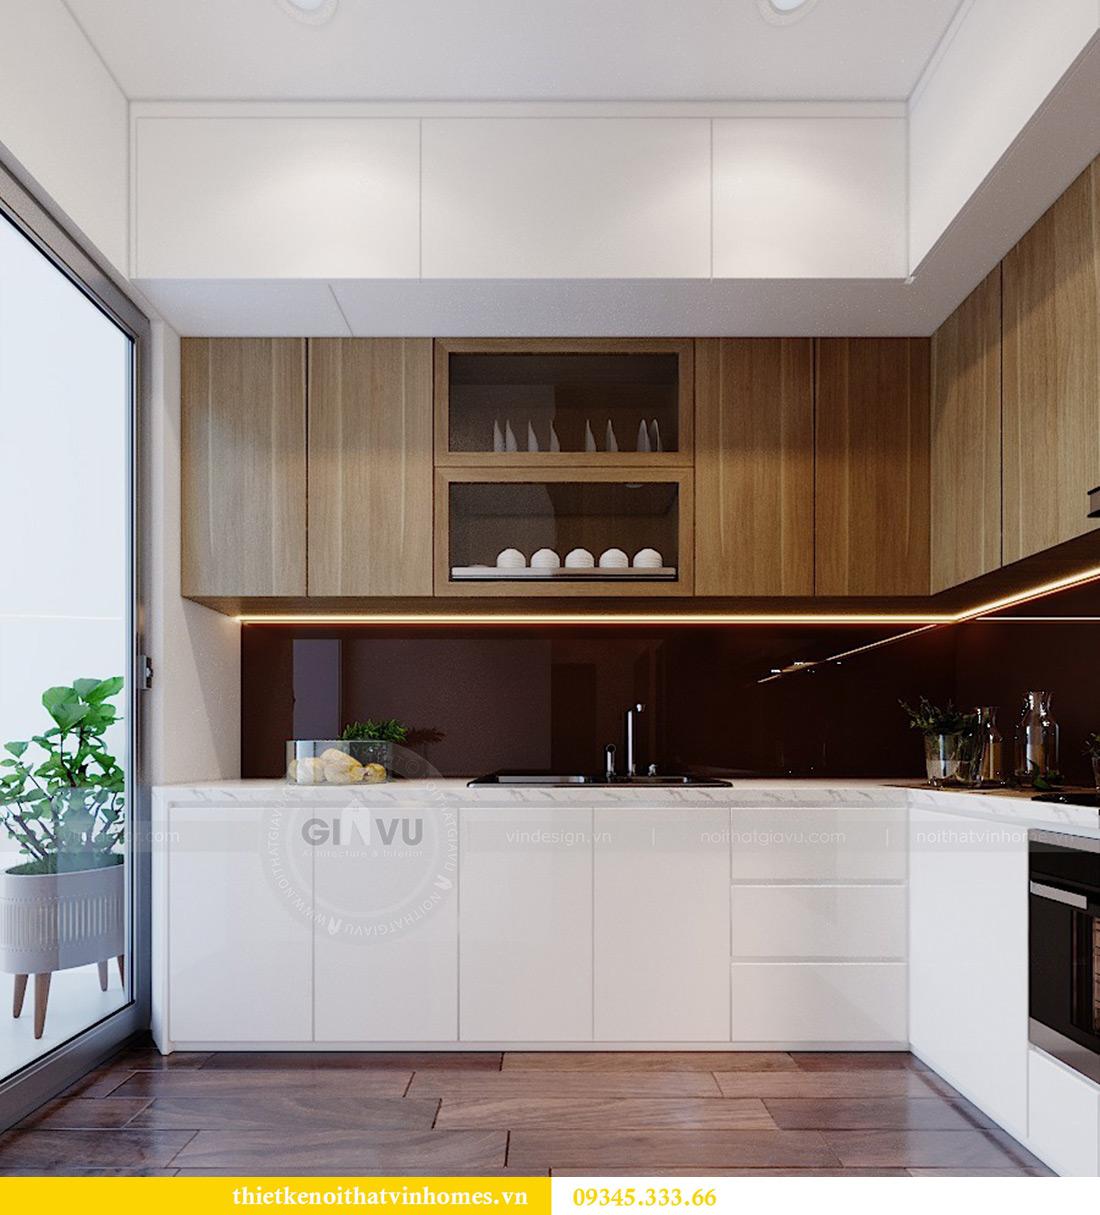 Thiết kế căn hộ chung cư 789 Ngoại Giao Đoàn đẹp, hiện đại 2